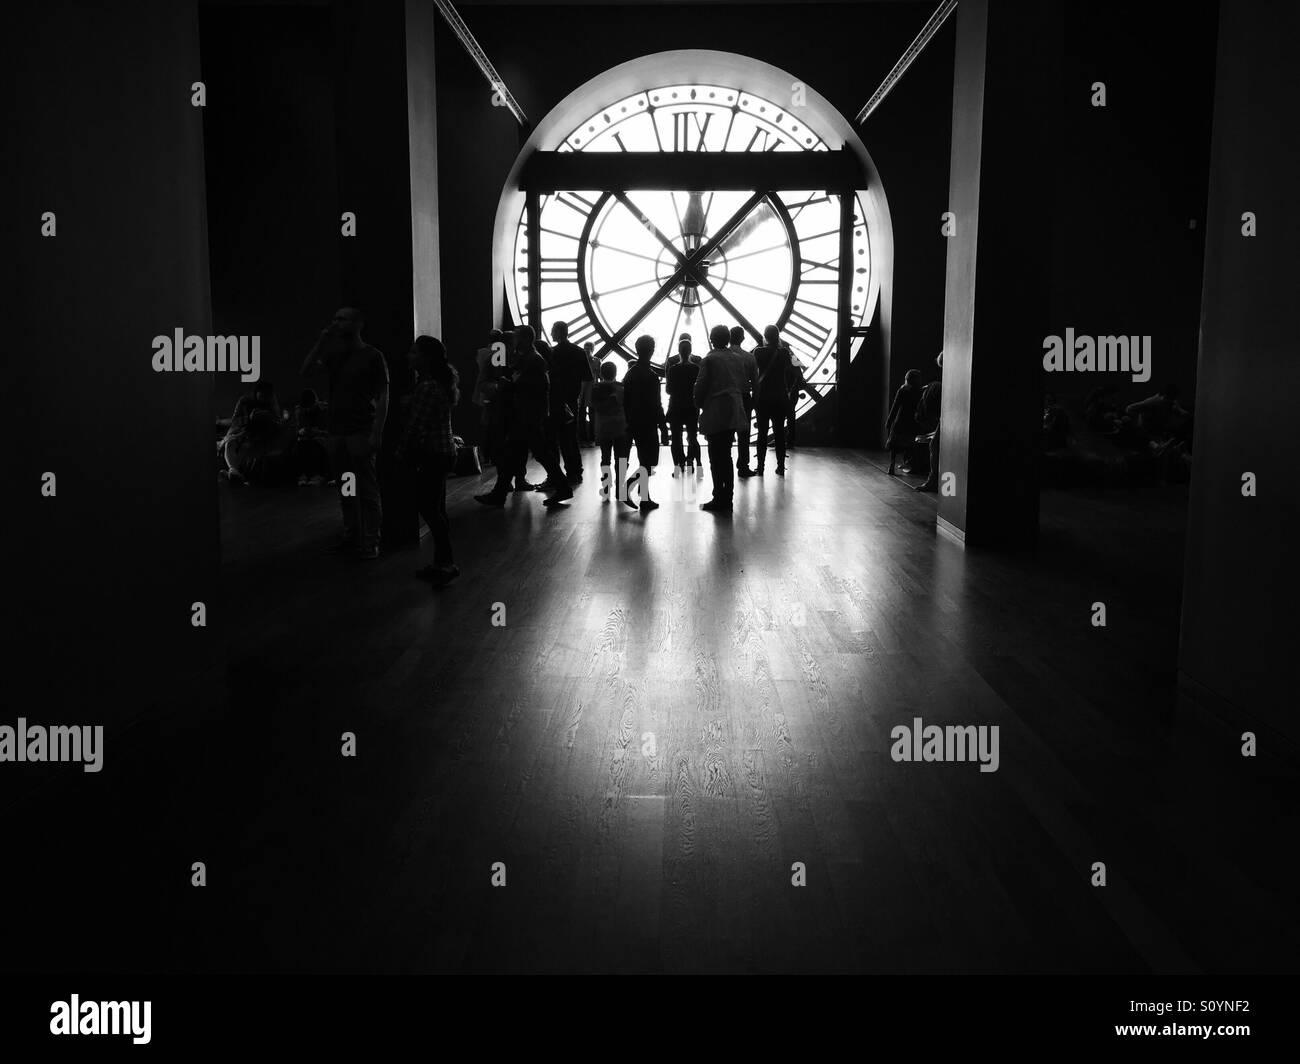 El famoso reloj dentro del Musee d'Orsay en París, Francia, con una muchedumbre delante de él. Imagen De Stock